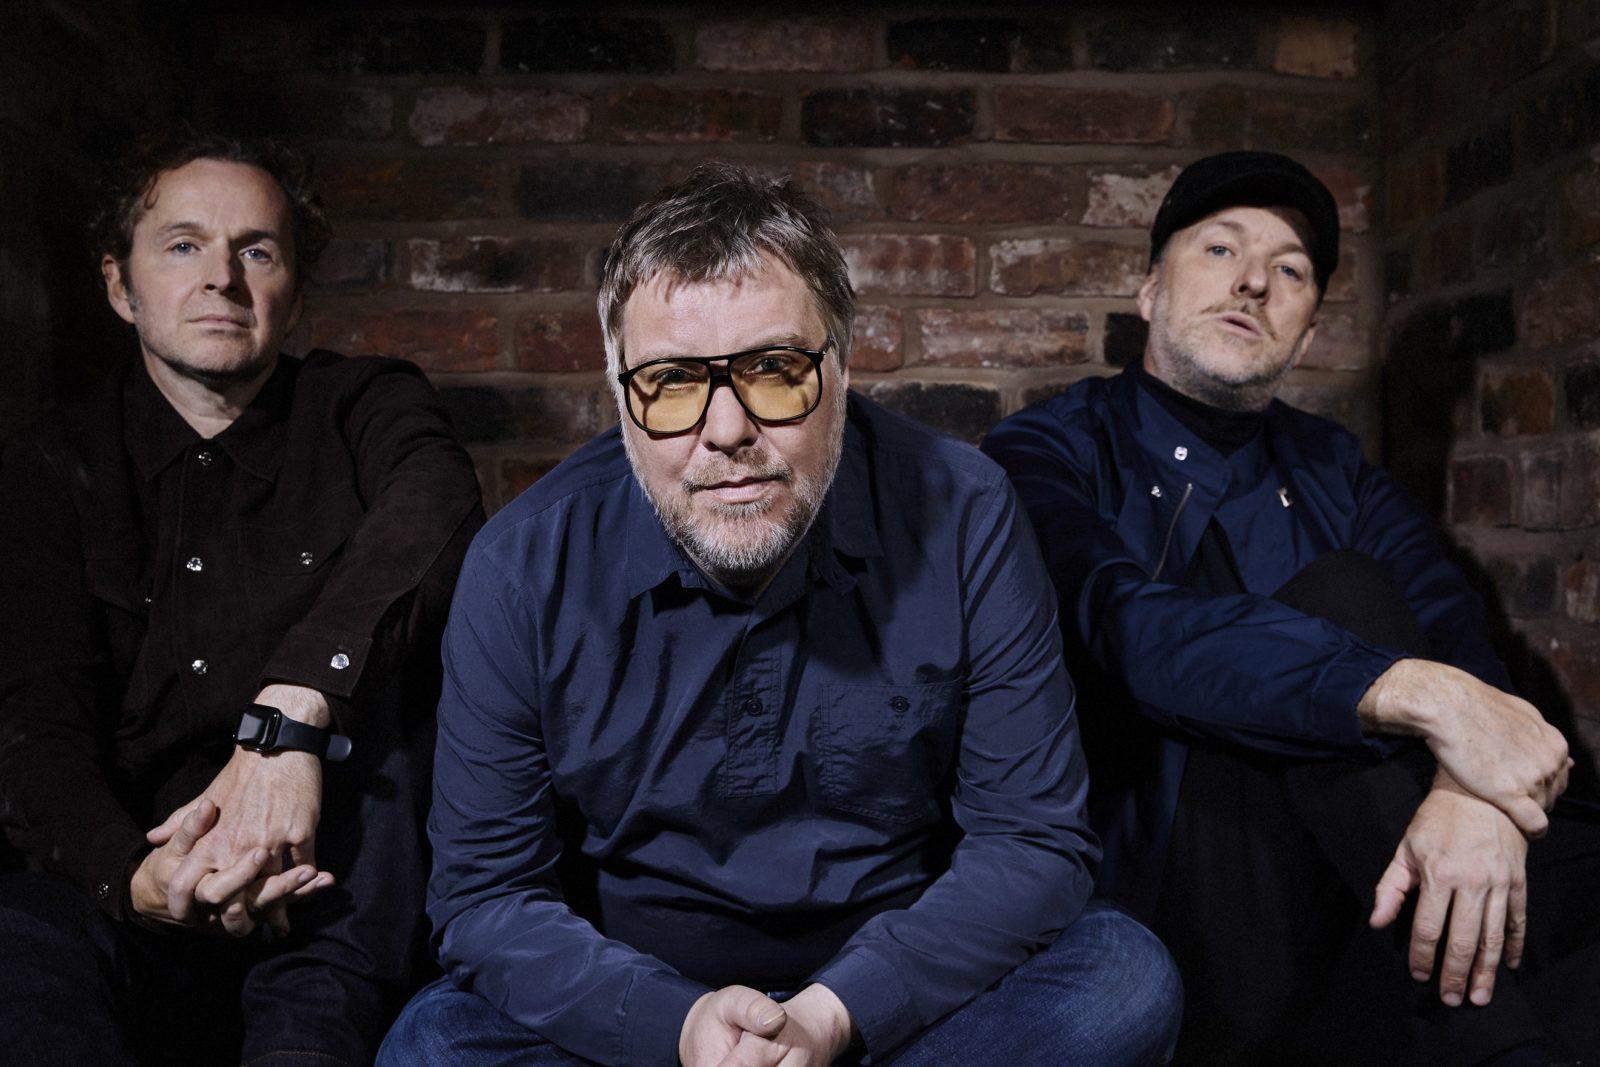 2000年代に全英No.1アルバムを2枚出した英マンチェスターの3人組ダヴズ、11年ぶりの新曲がリリースサムネイル画像